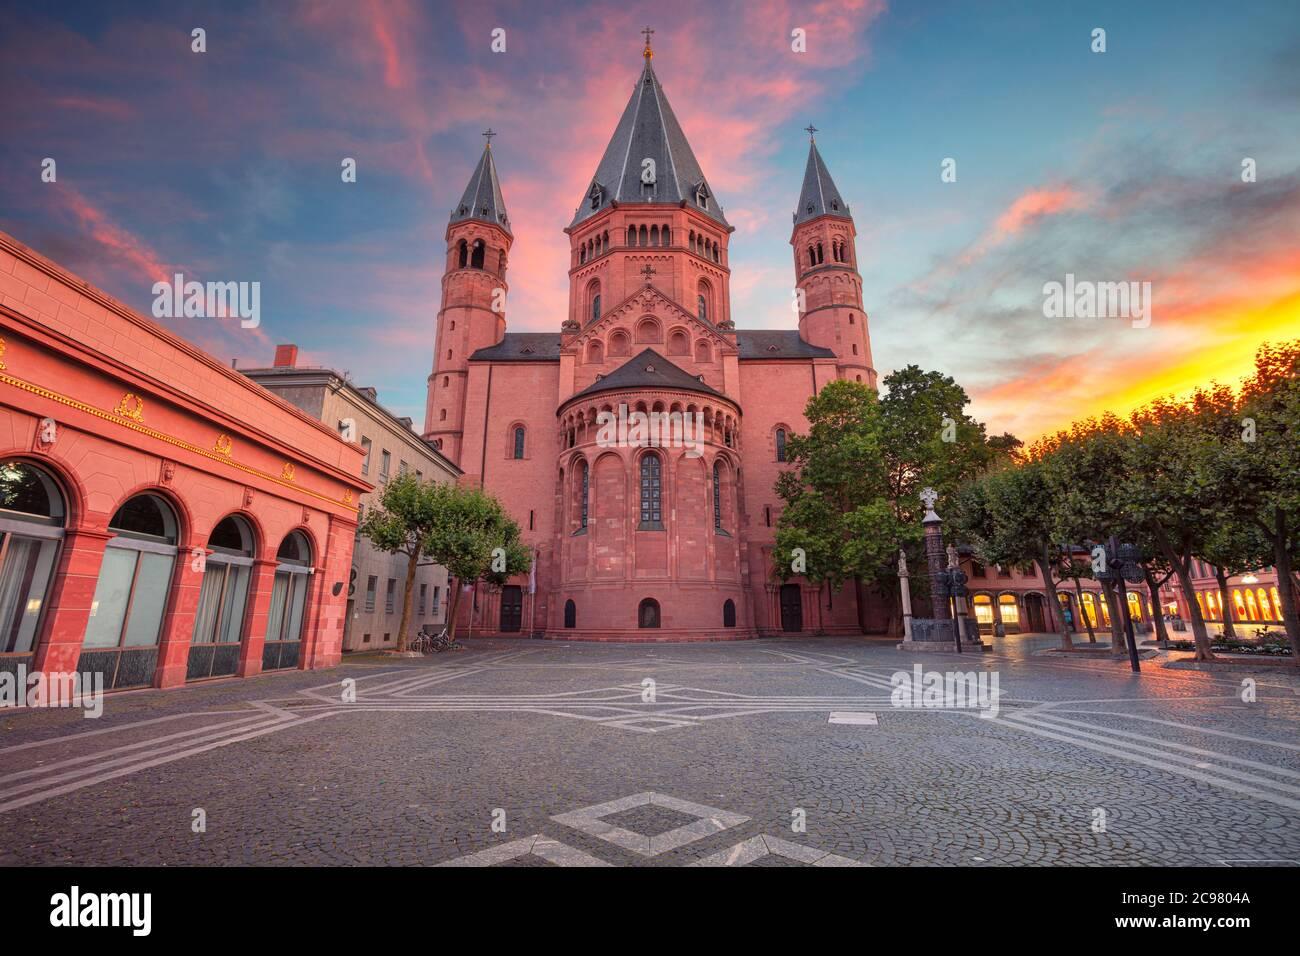 Mayence, Allemagne. Image de paysage urbain du centre-ville de Mayence avec la cathédrale de Mayence au beau coucher du soleil. Banque D'Images